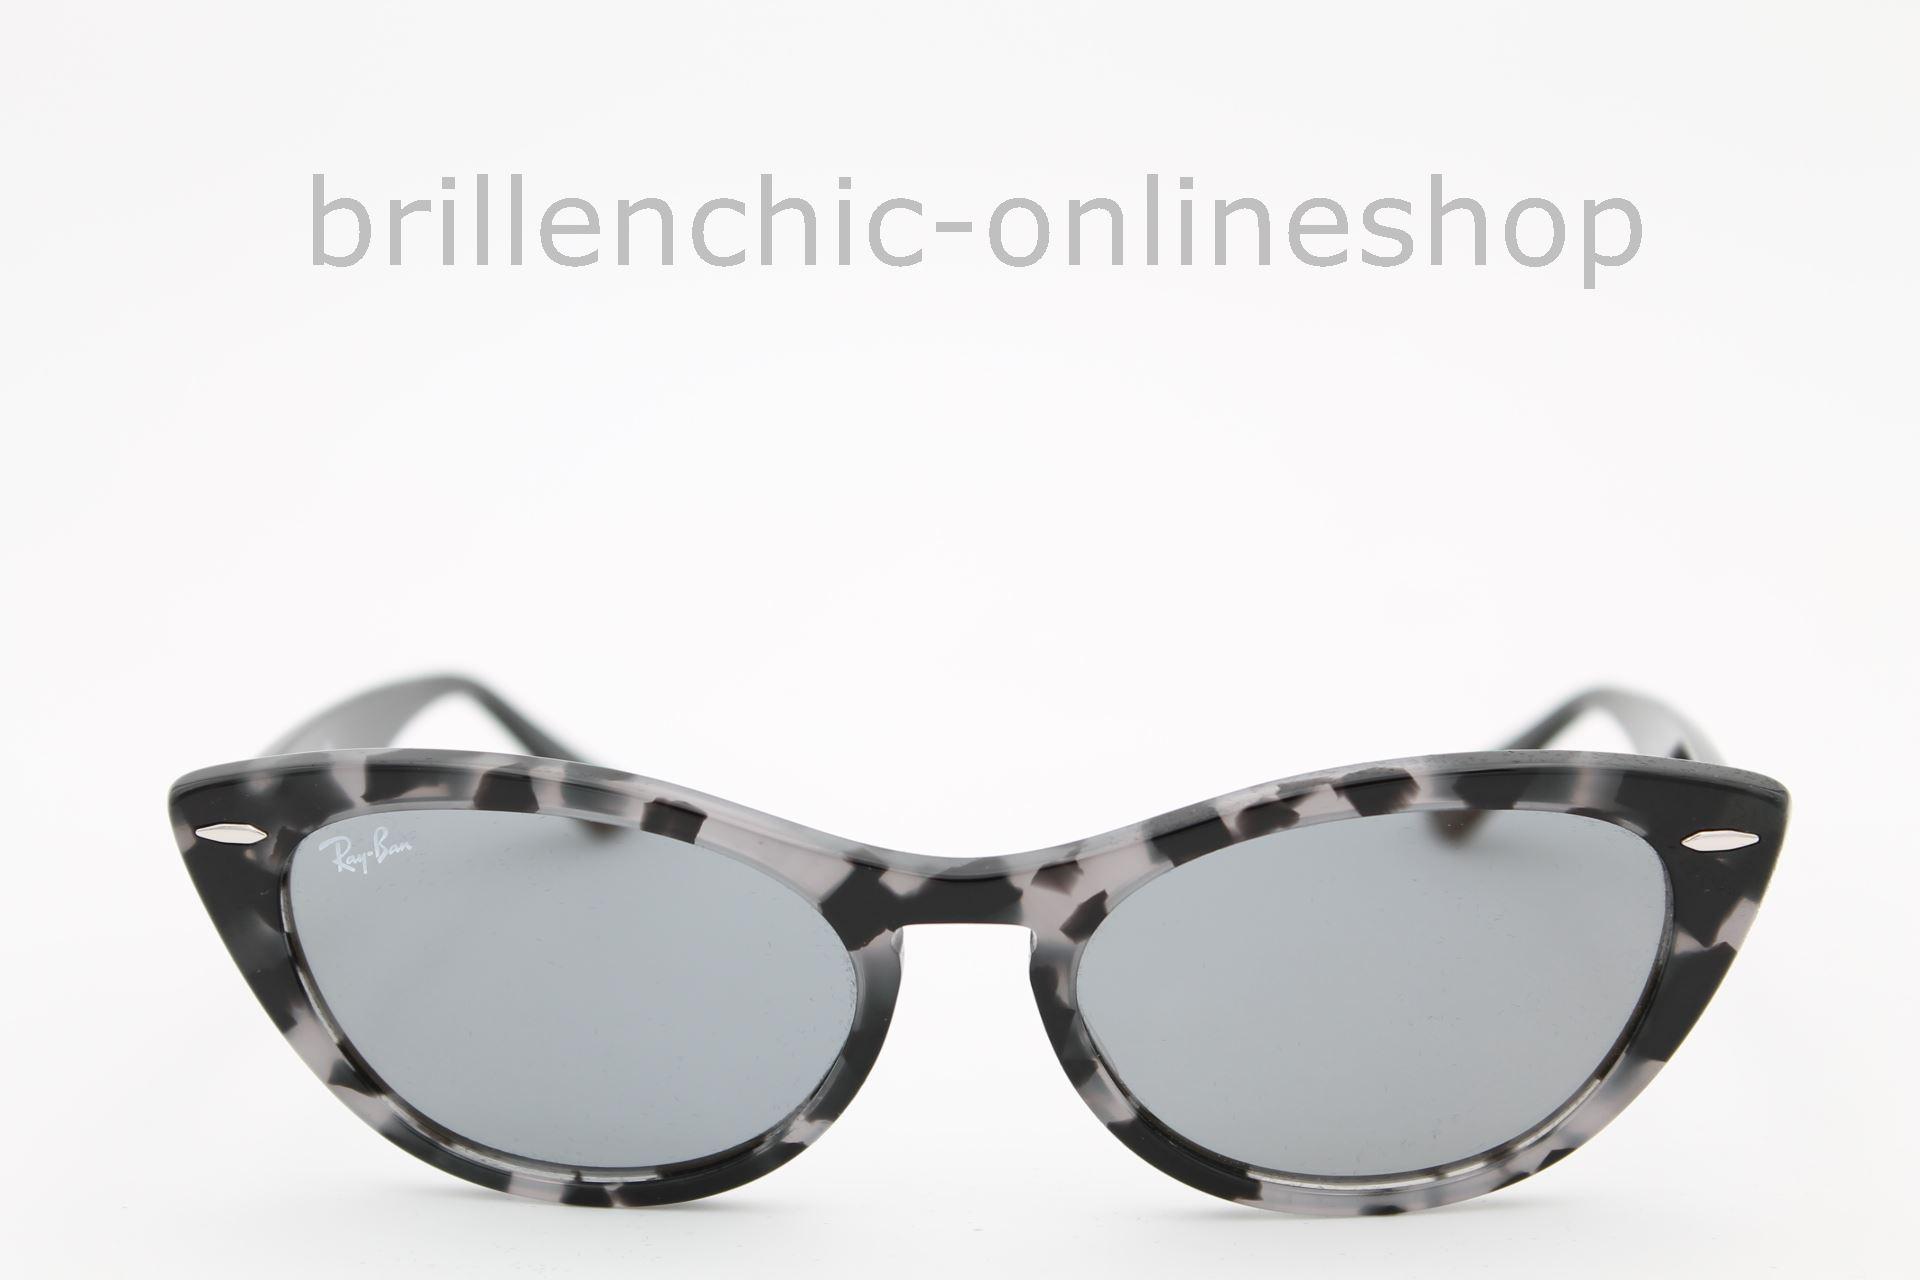 1b3144f5a3 Brillenchic - onlineshop Berlin Ihr starker Partner für exklusive Brillen  online kaufen/Ray Ban RB 4314N 4314 1250/Y5 NINA exklusiv im Brillenchic-  ...